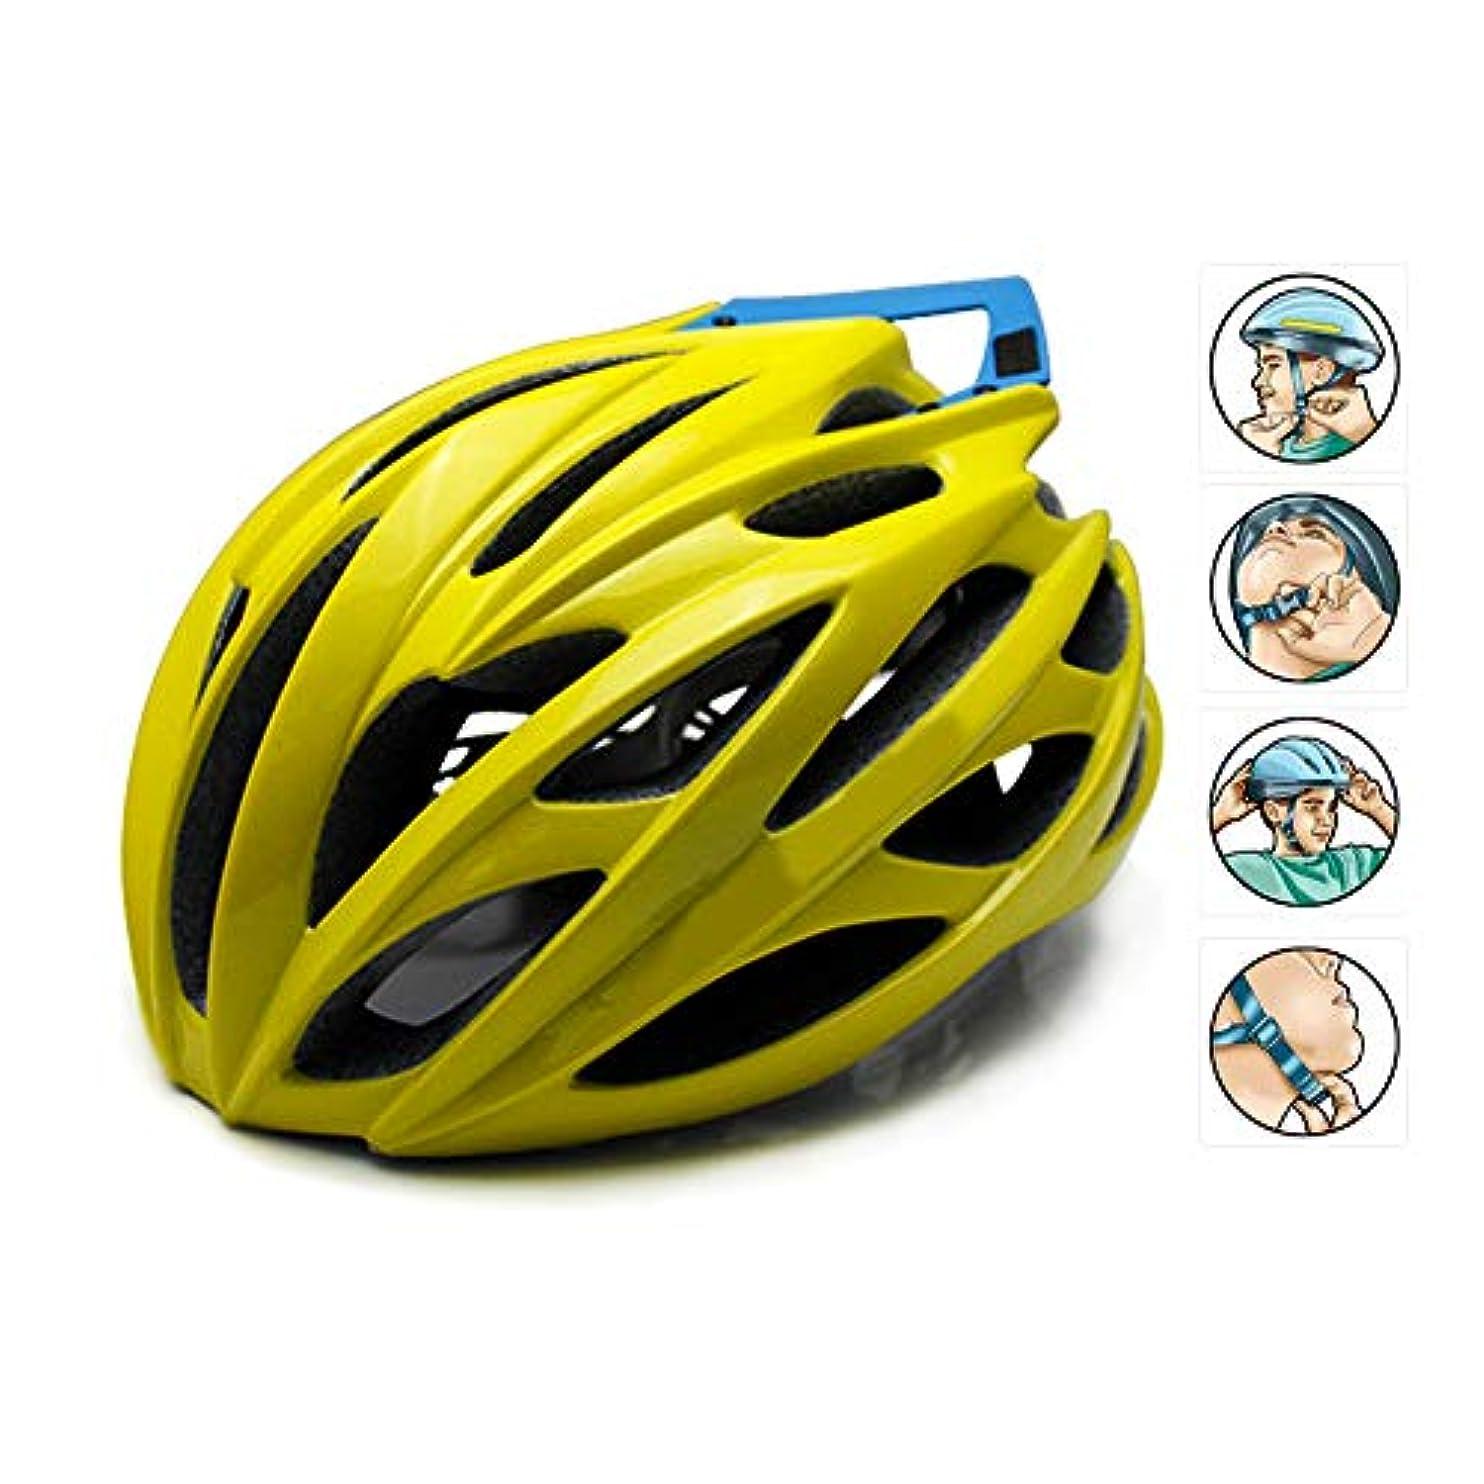 回復する制約スパイ自転車用安全ヘルメット/キールヘルメット/屋外用乗馬用帽子/道路?山?自転車用ヘルメット/尾付安全ヘルメット